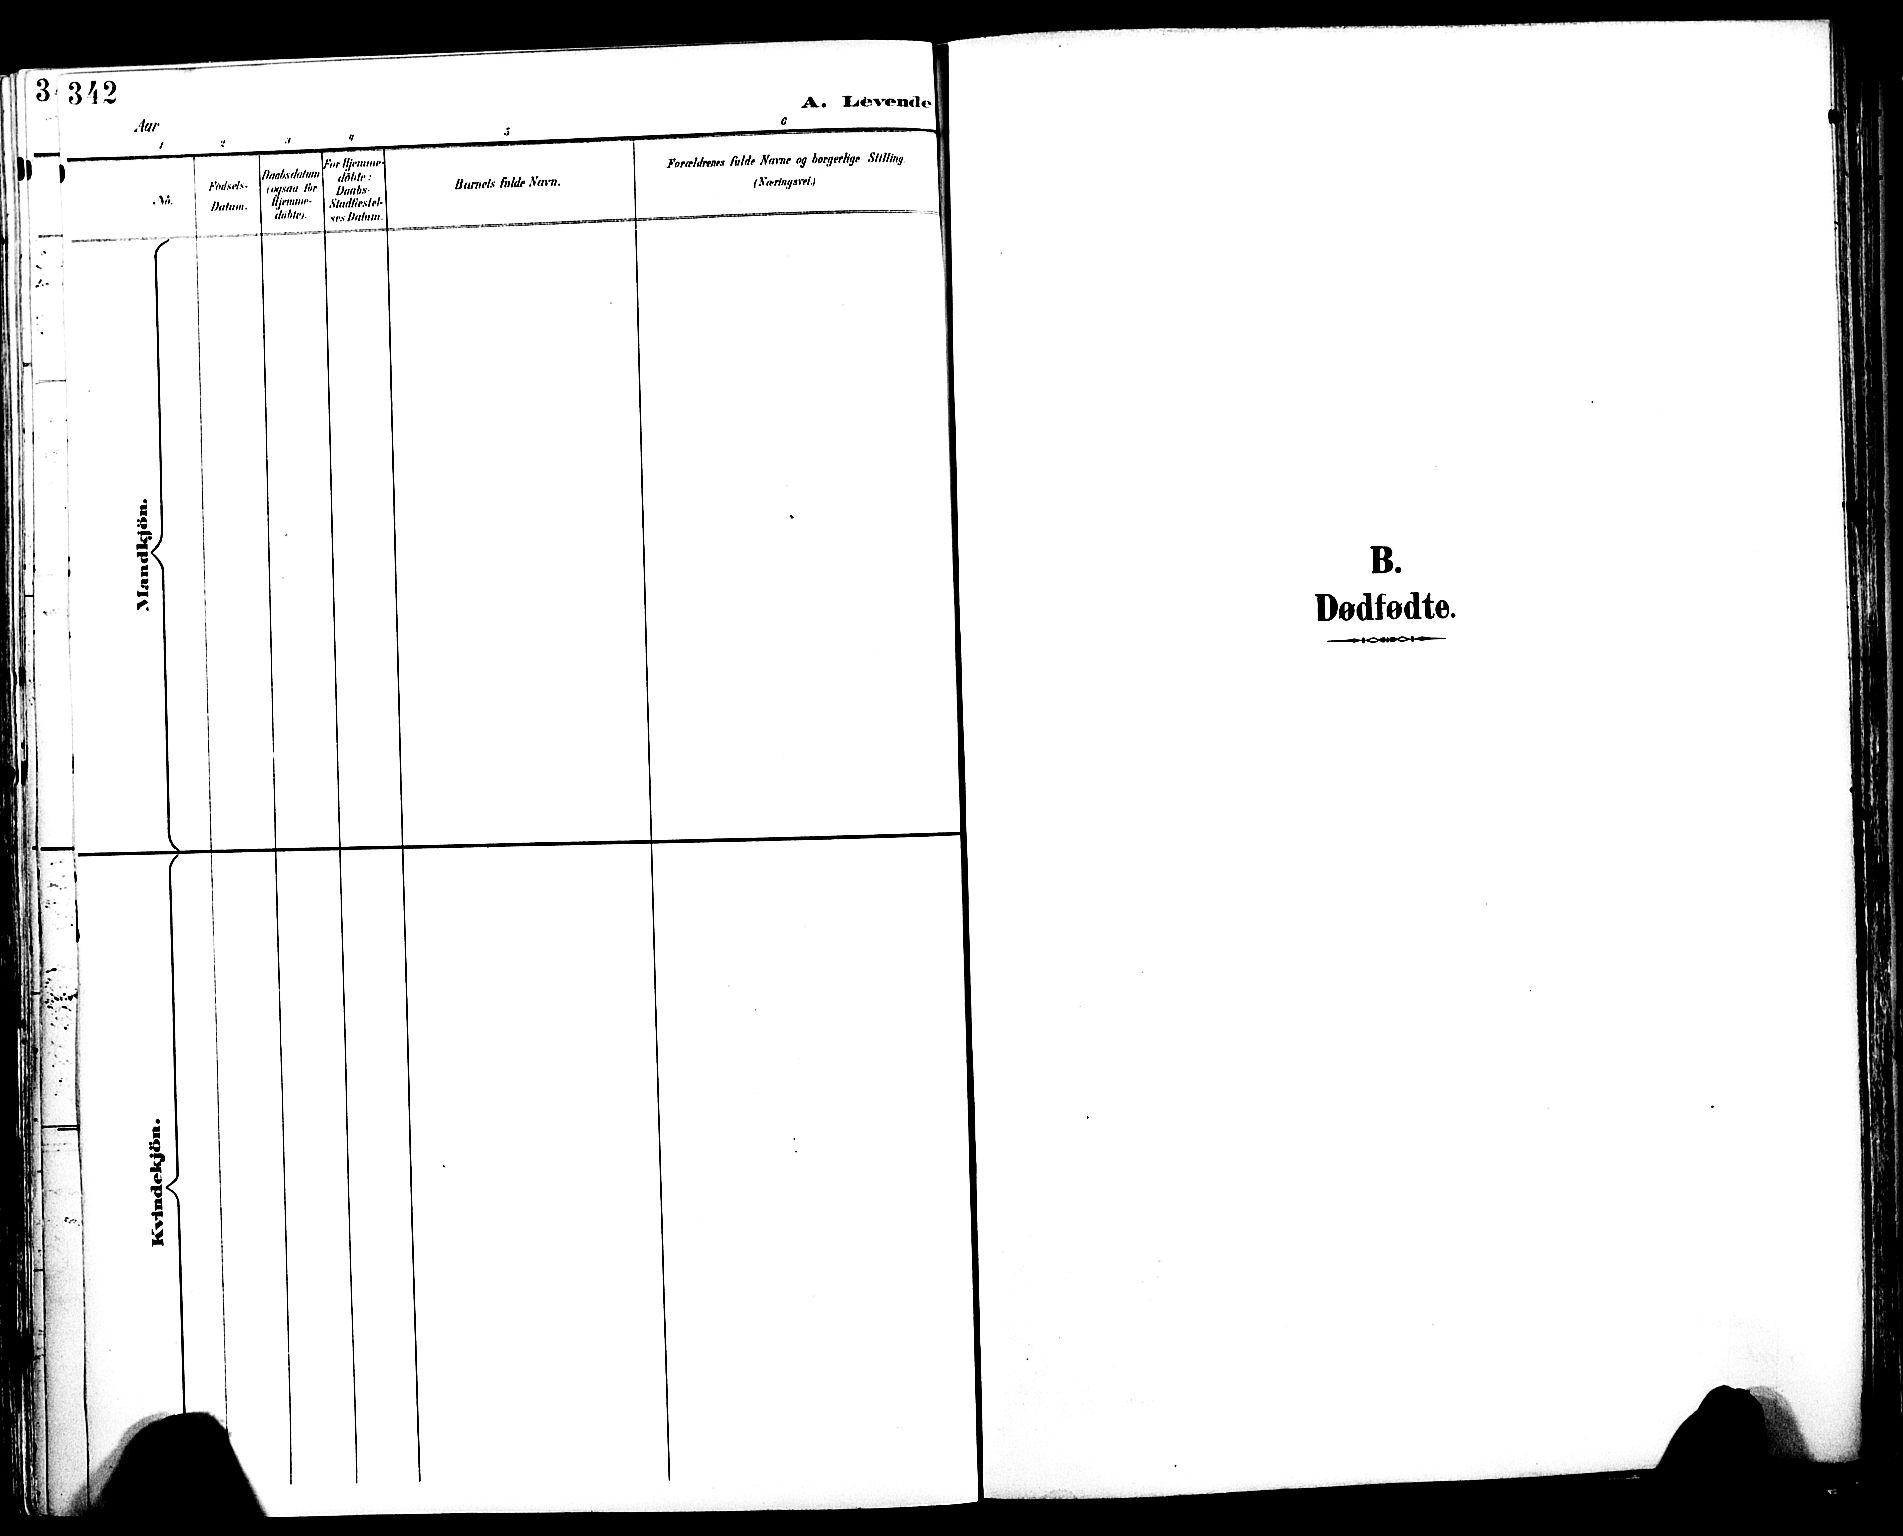 SAT, Ministerialprotokoller, klokkerbøker og fødselsregistre - Sør-Trøndelag, 604/L0197: Ministerialbok nr. 604A18, 1893-1900, s. 342